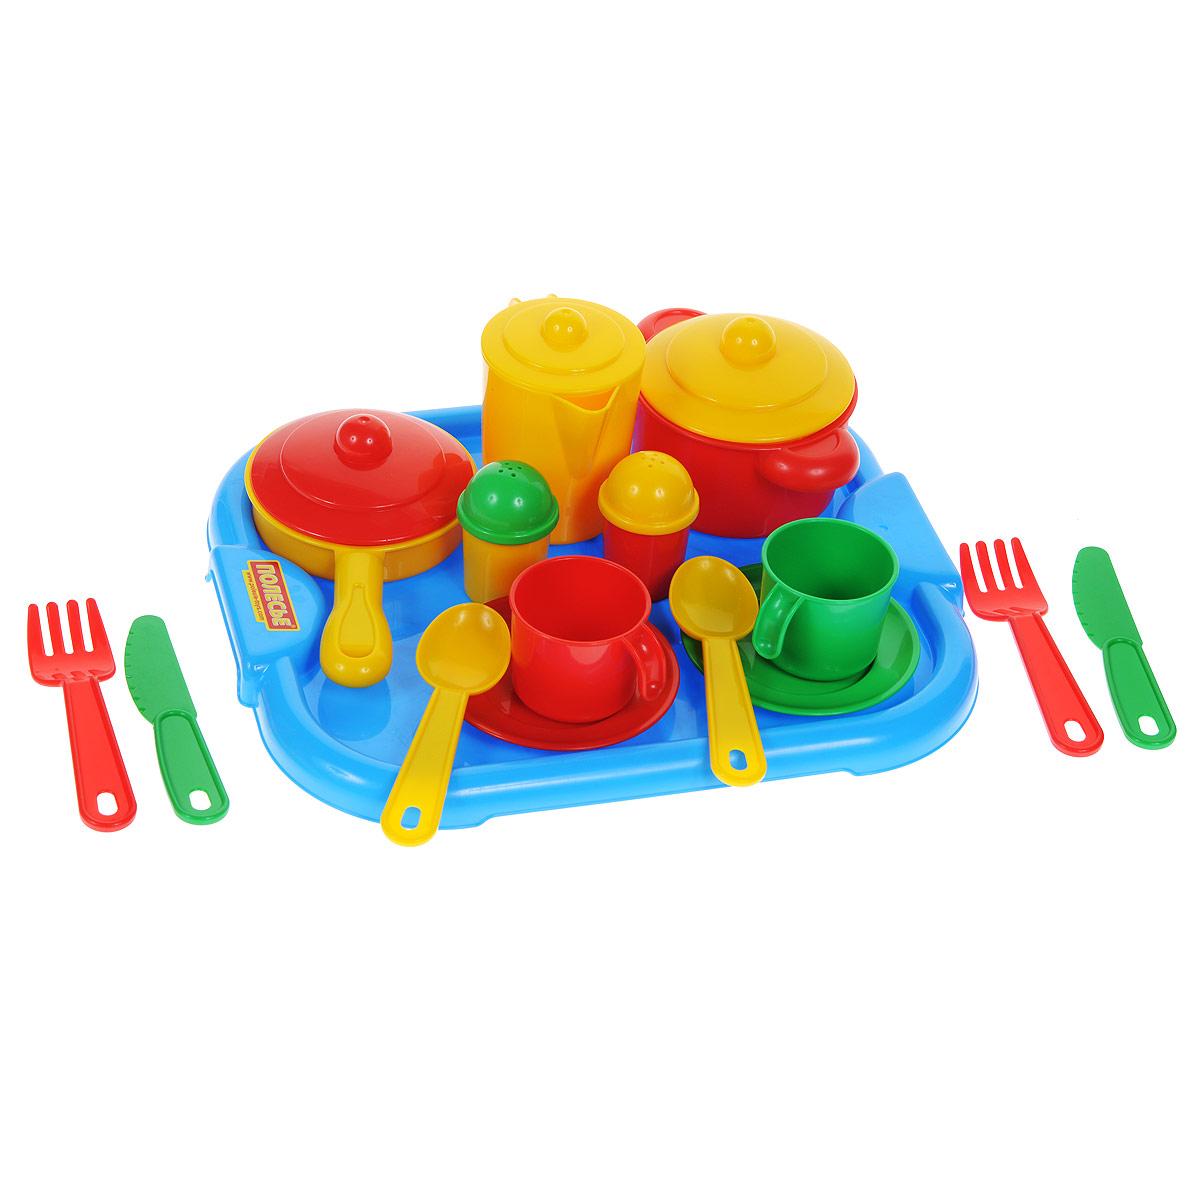 """Яркий набор детской посуды Полесье """"Настенька"""" прекрасно подойдет ребенку для веселых игр. Набор включает в себя посуду на две персоны. Предметы набора выполнены из высококлассного пищевого пластика ярких цветов. В состав набора входят две чашки, две тарелки, две ложки, две вилки, два ножа, чайник с крышкой, солонка, перечница, кастрюля с крышкой, сковородка с крышкой и поднос. Такой набор станет прекрасным дополнением к игровой ситуации с приглашением гостей к столу!"""